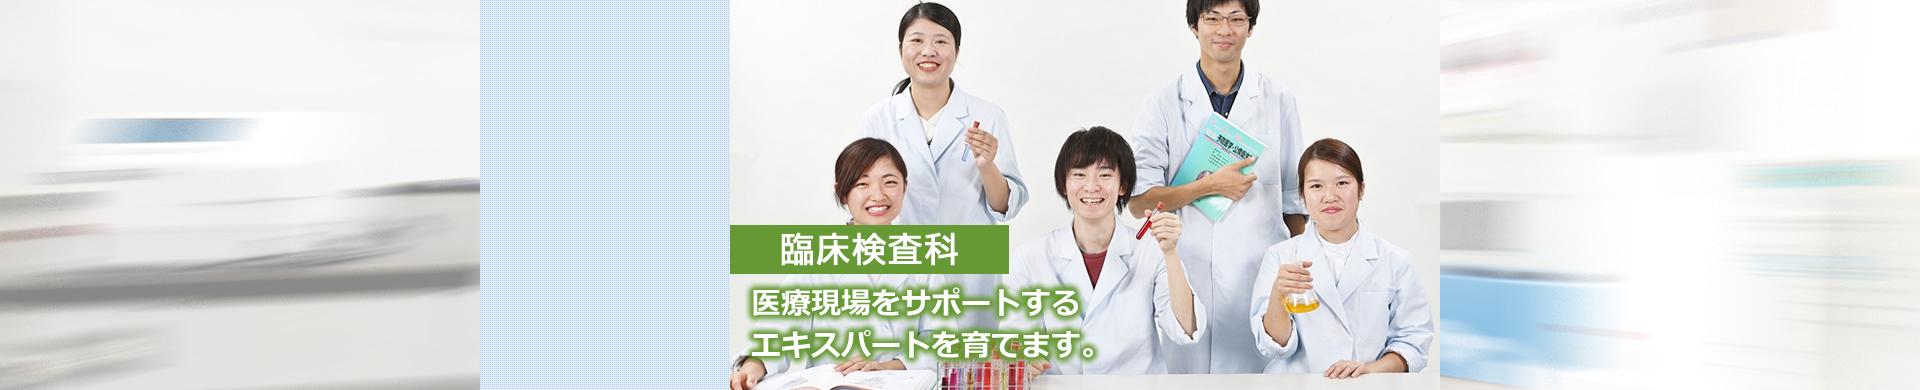 臨床検査科では、医療現場をサポートするエキスパートを育てます。